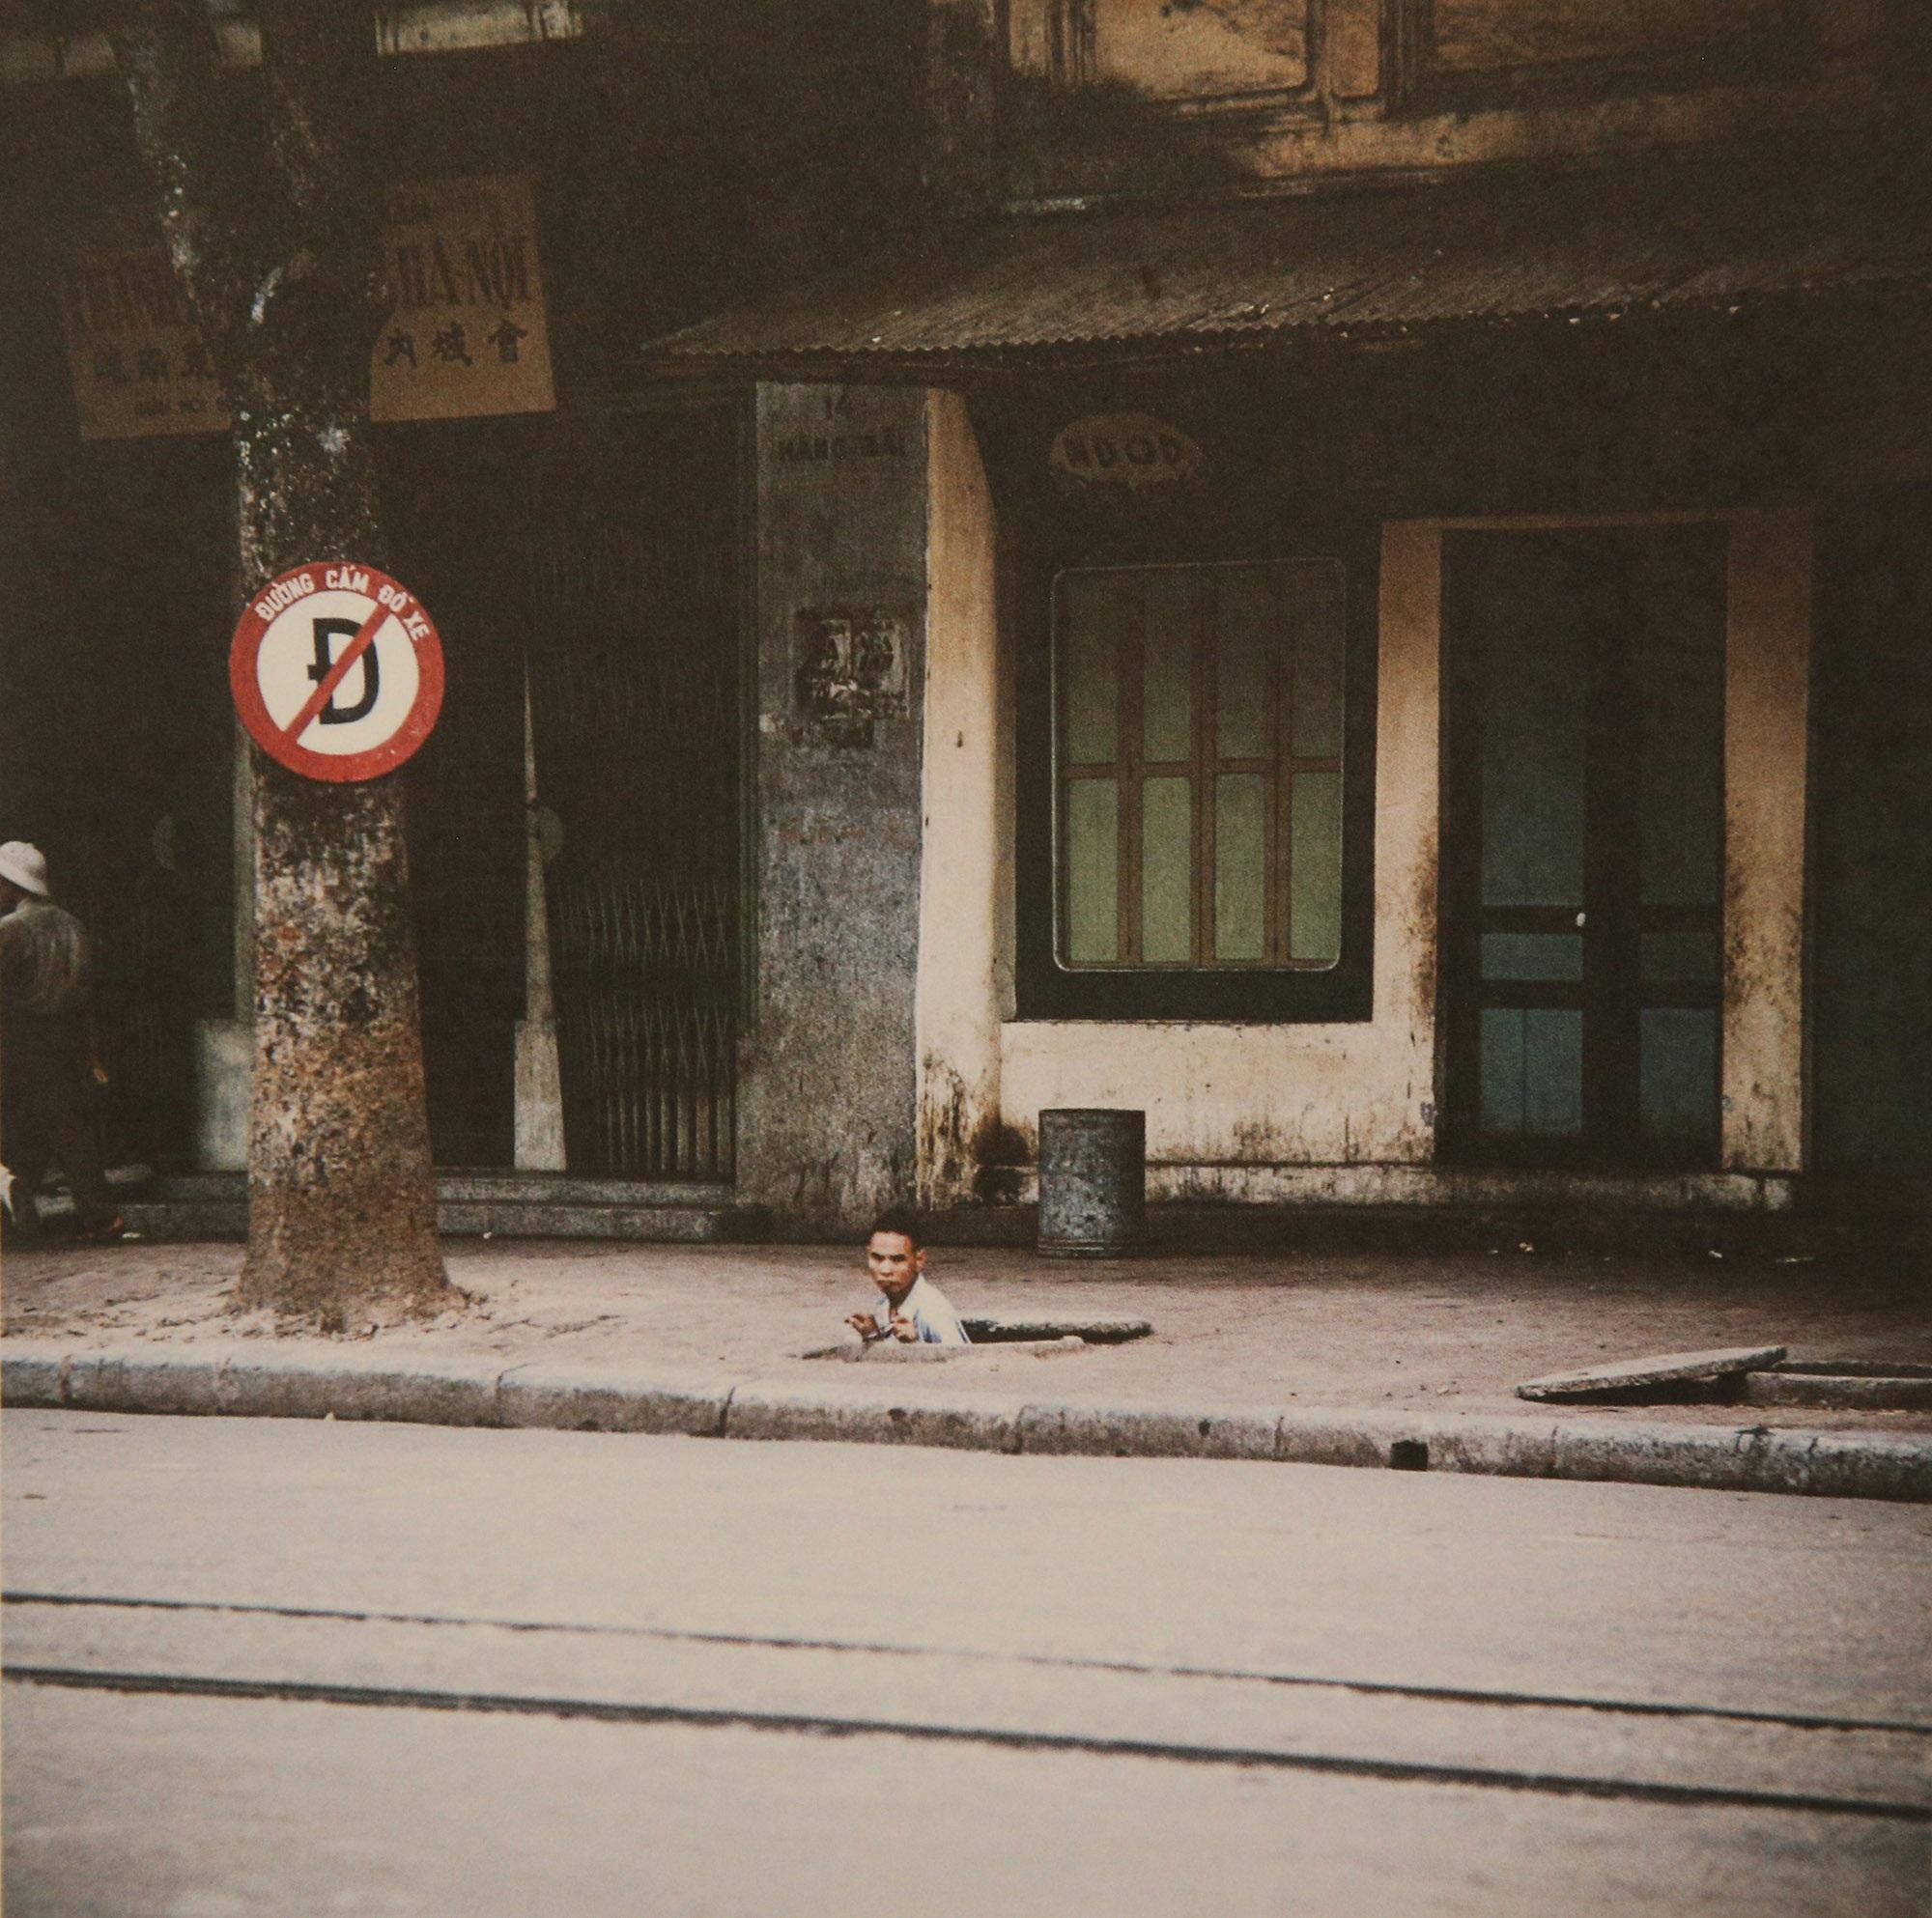 Hình ảnh quý về Hà Nội thời gian khó của nhiếp ảnh gia người Đức - 10